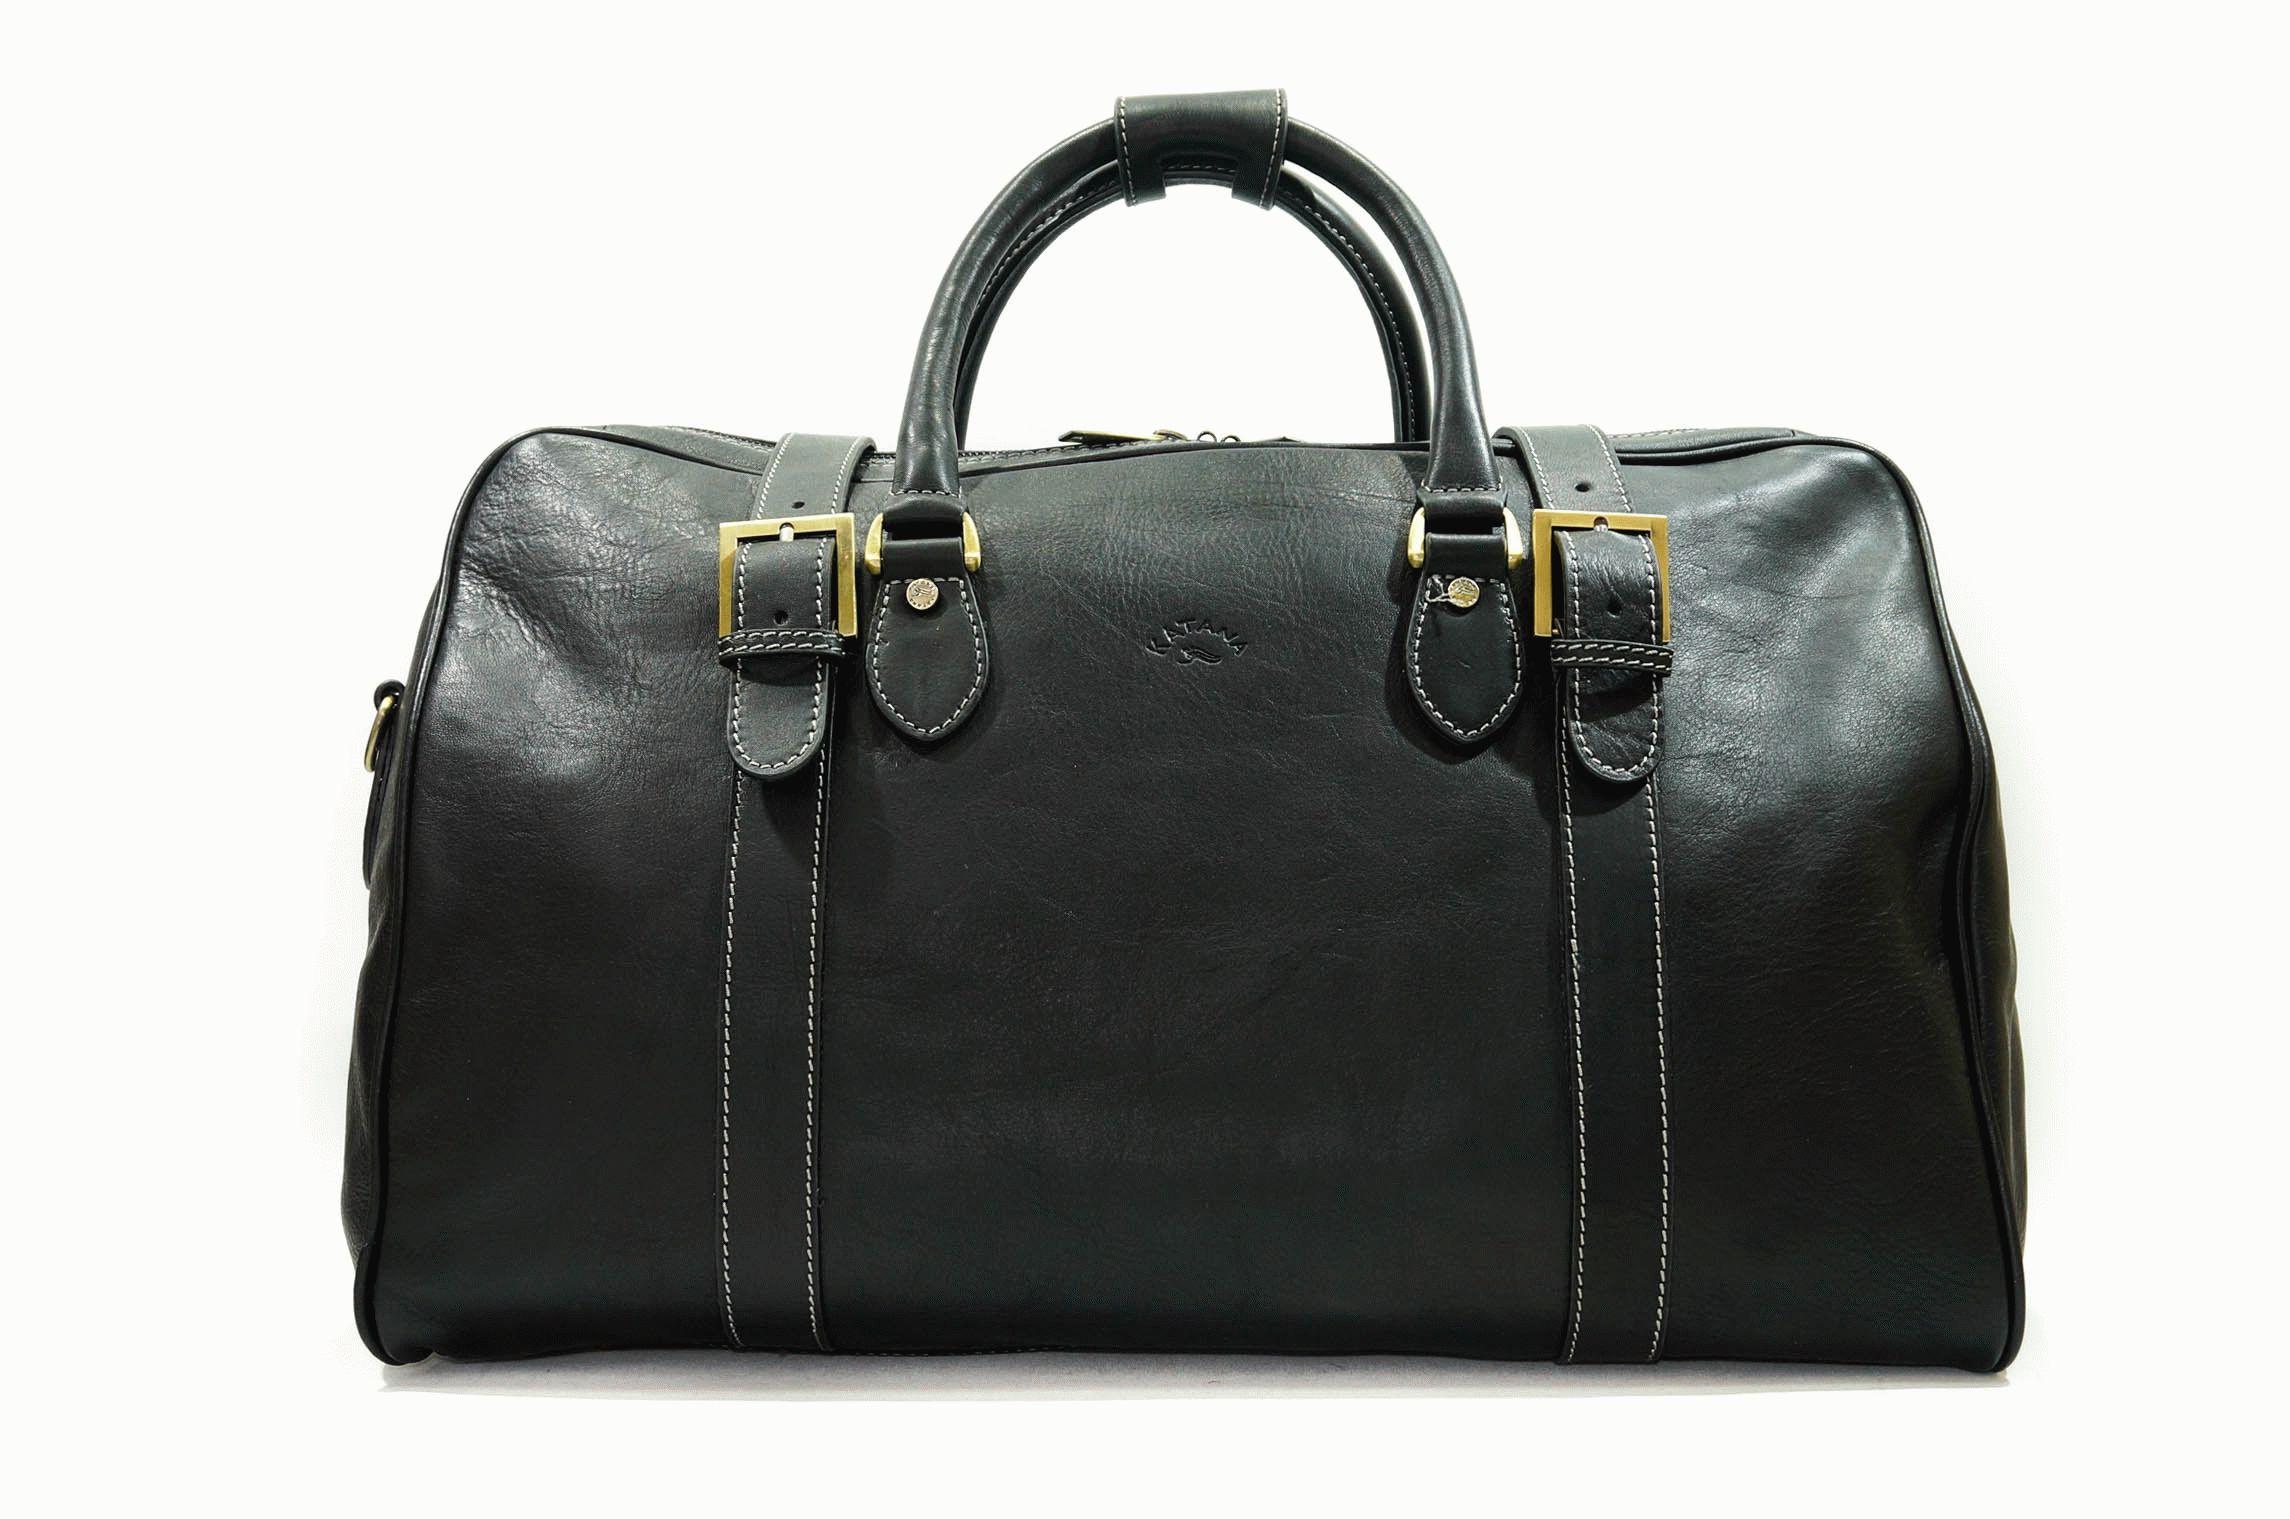 6731a0d67e20 Кожаная дорожная сумка KATANA Размер: 50 x 32 x 26 см Цвет: черный  Материал: телячья кожа Стильная и вместительная дорожная сумка из  натуральной кожи.